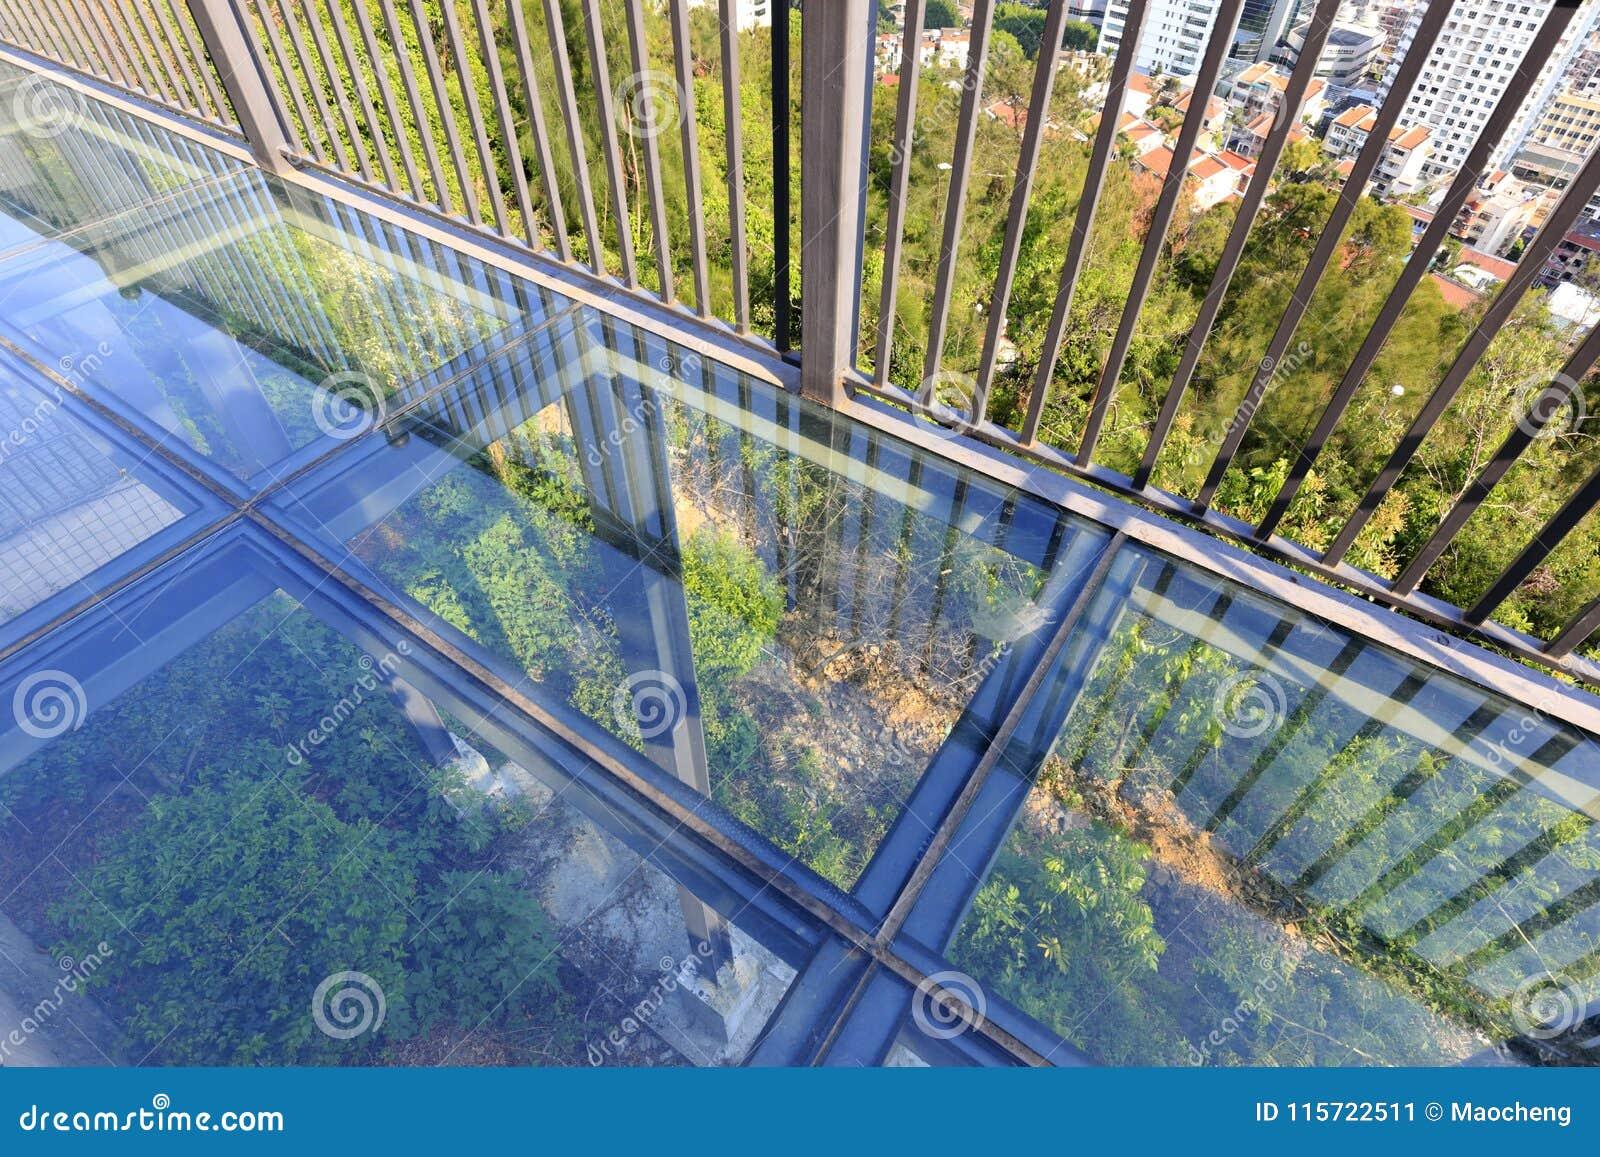 Пол балкона прозрачный стеклянный, саман rgb